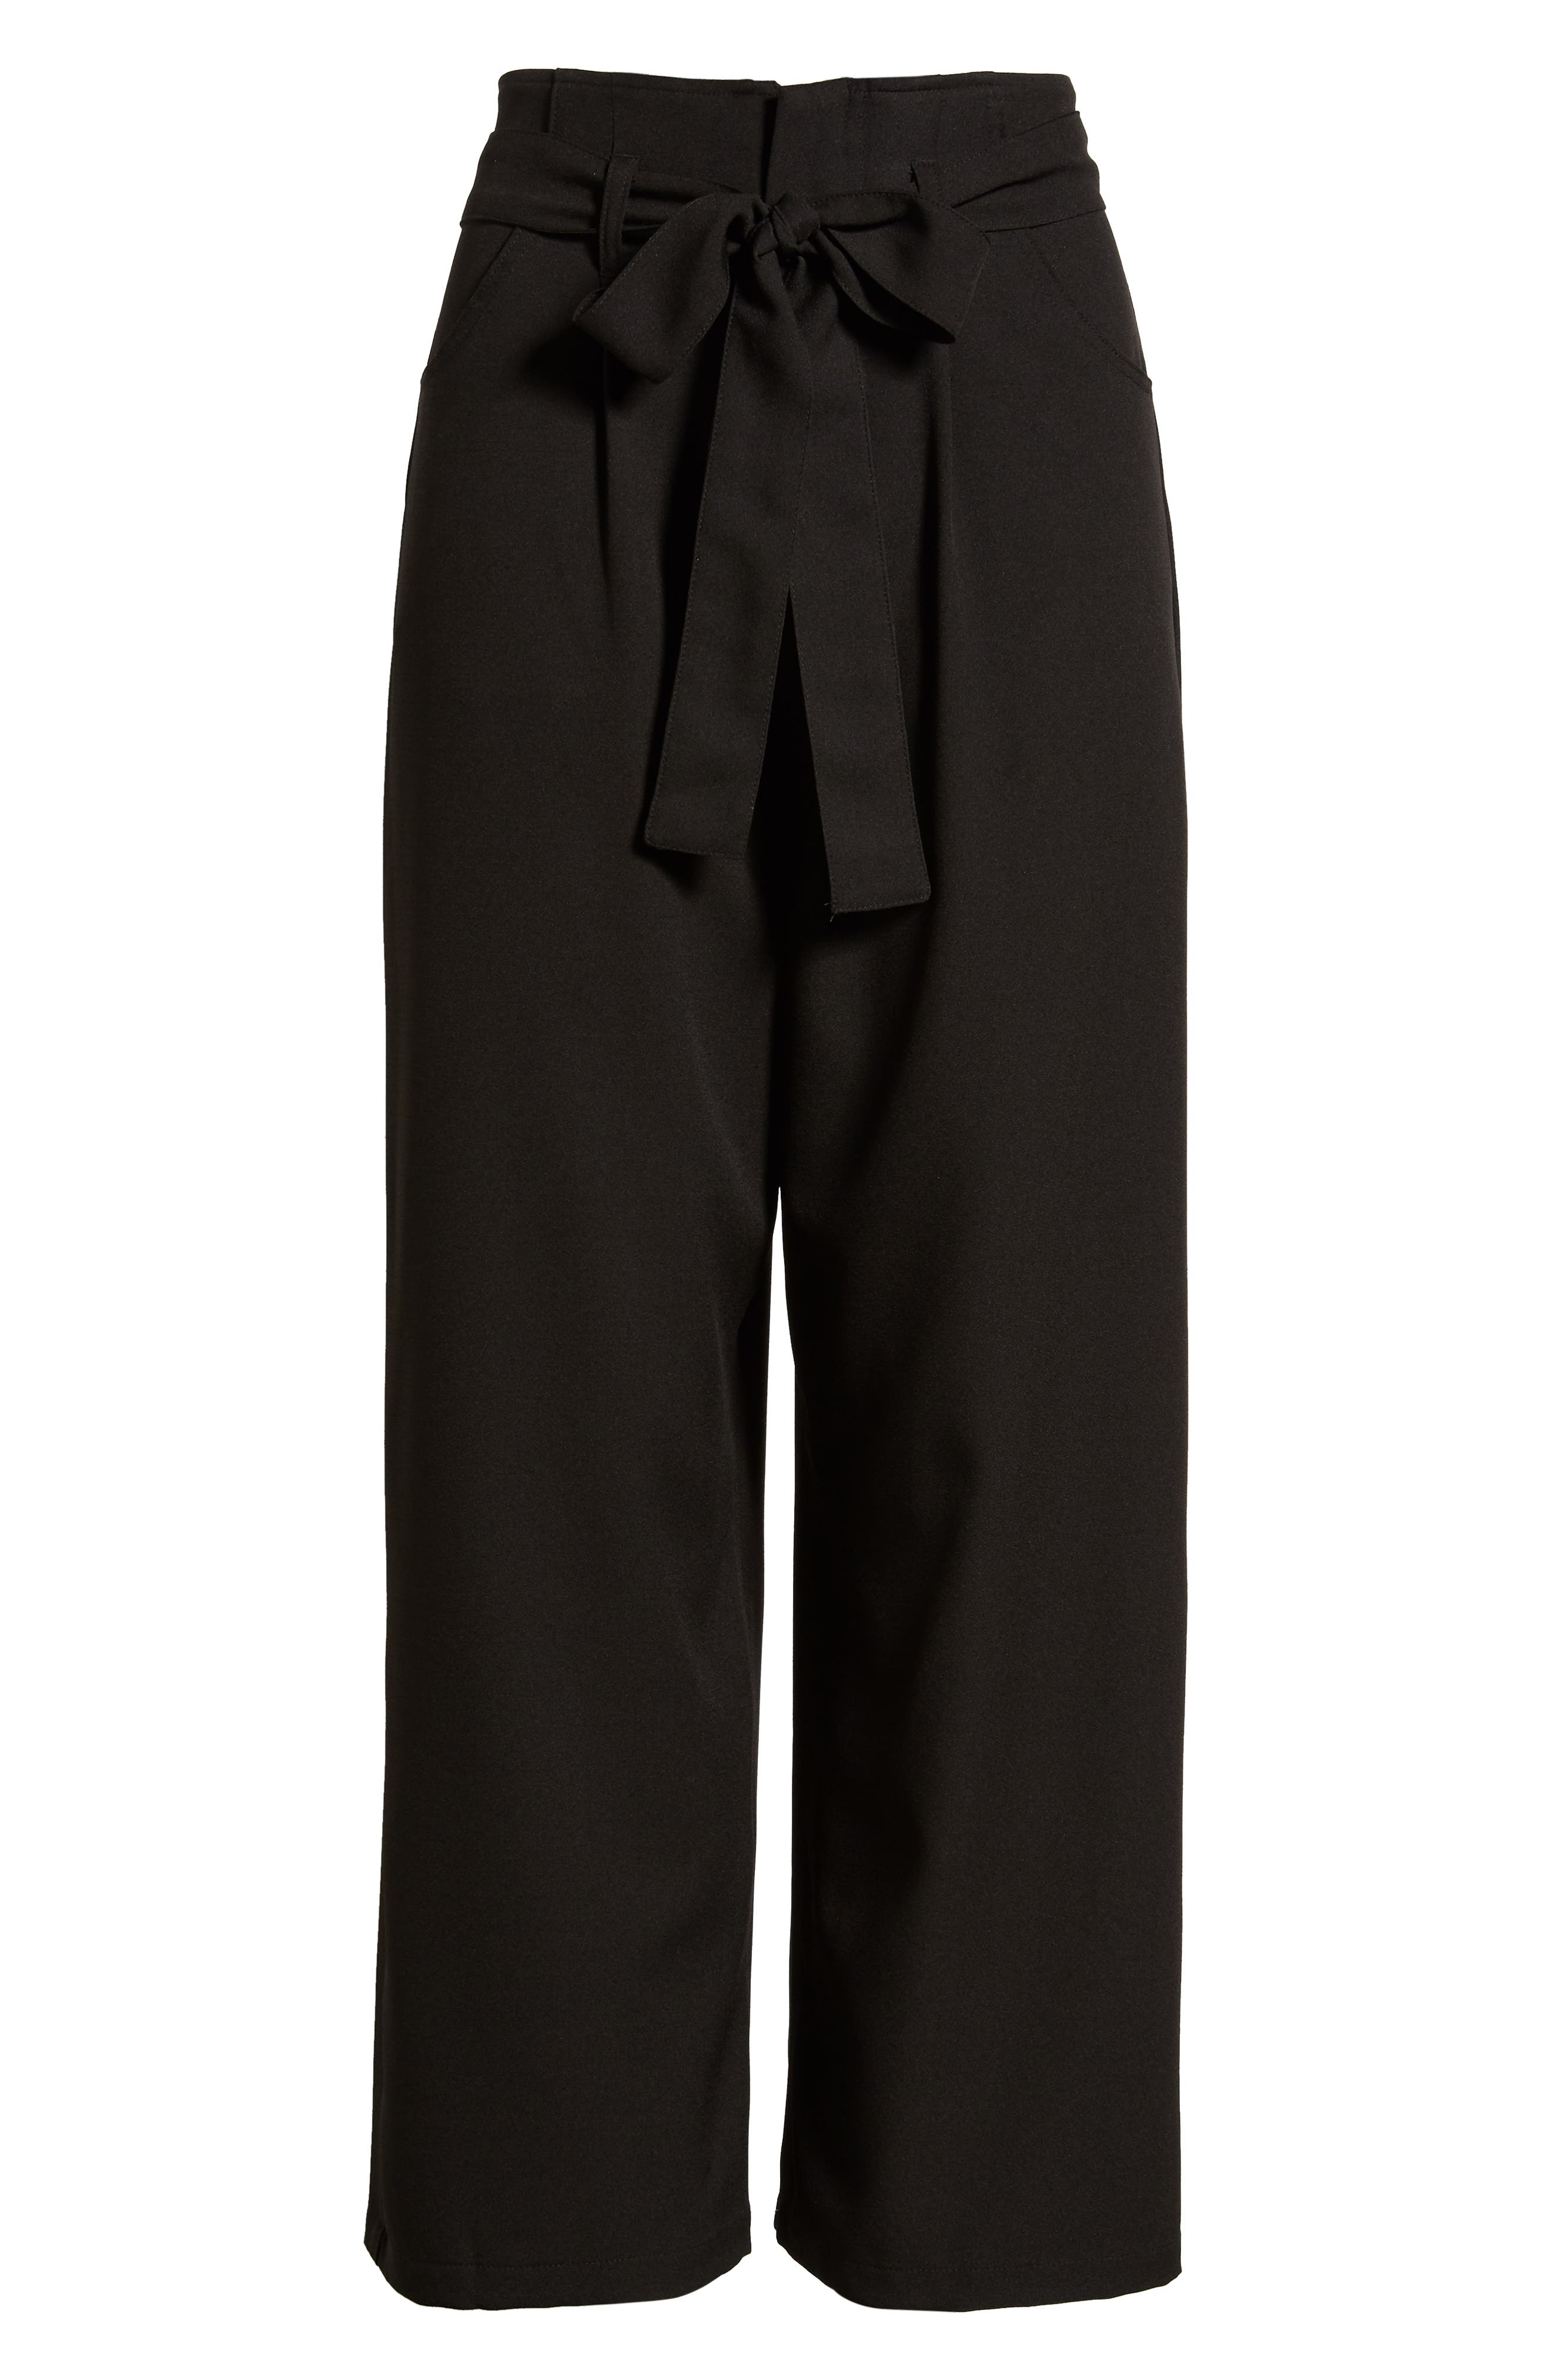 Tie Waist Crop Pants,                             Alternate thumbnail 7, color,                             001